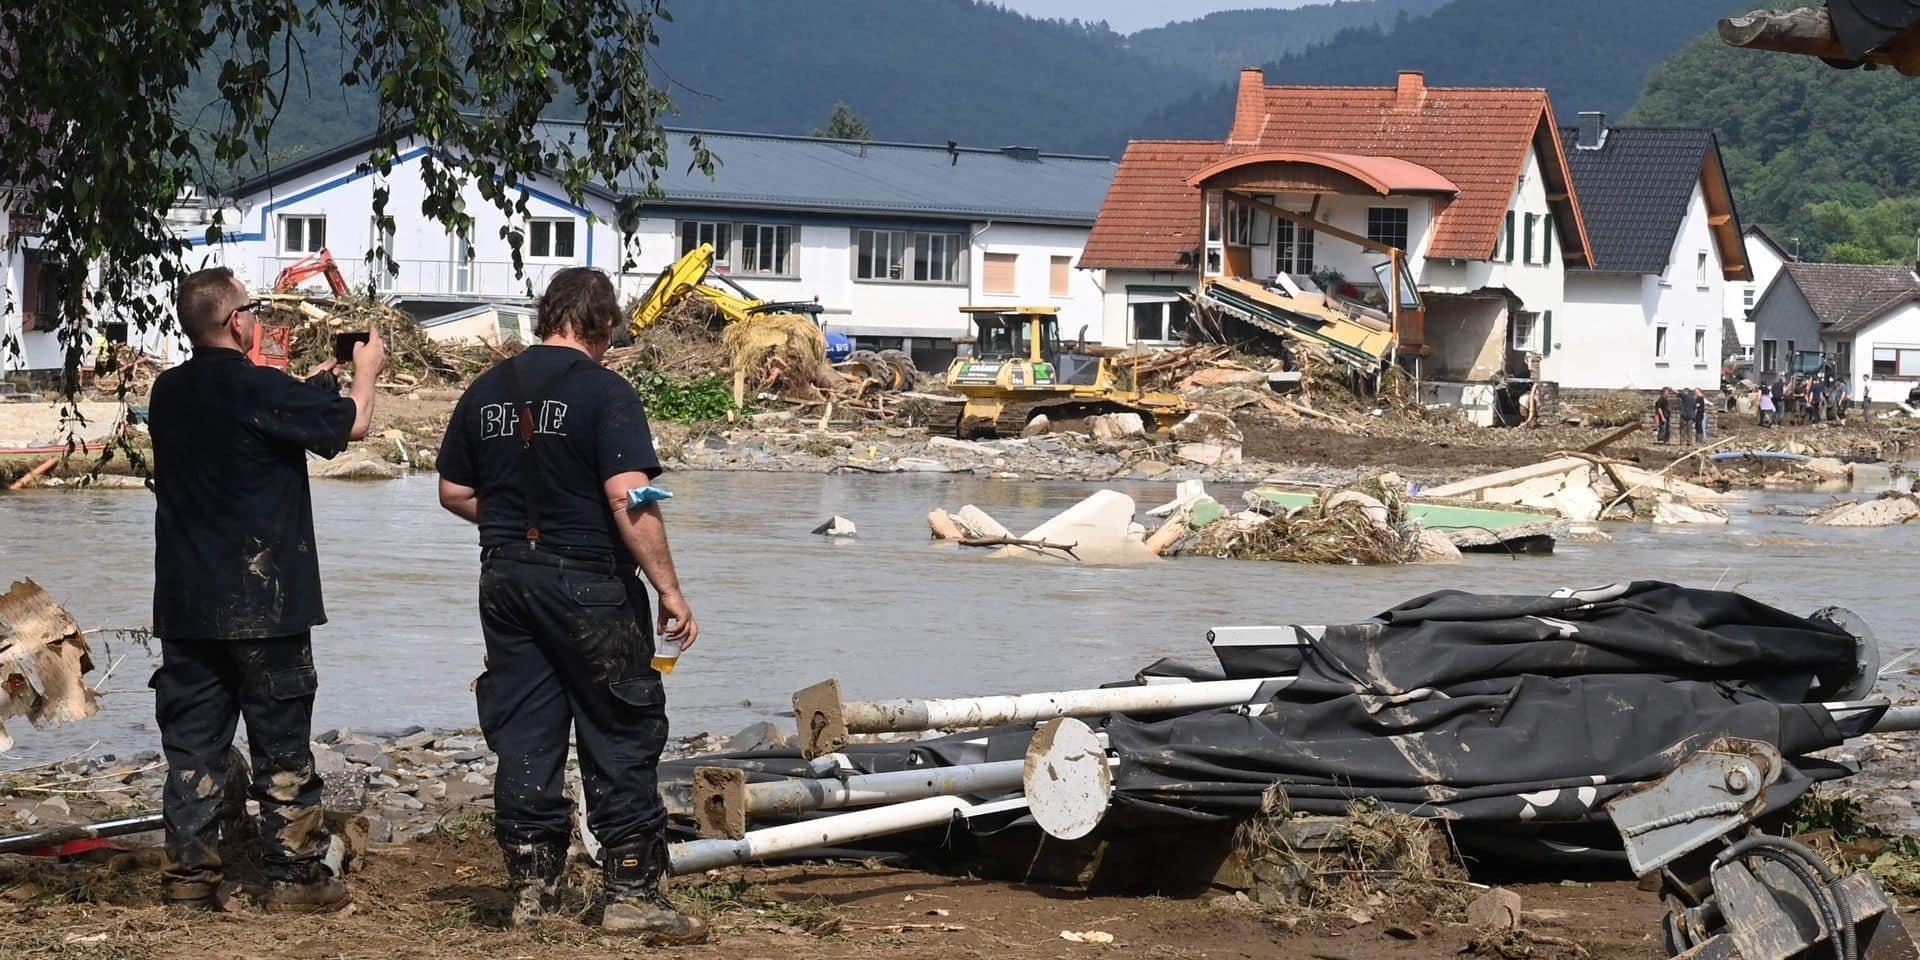 Inondations: le bilan grimpe à 156 morts en Allemagne, l'Autriche en état d'alerte, l'Italie touchée par de fortes pluies